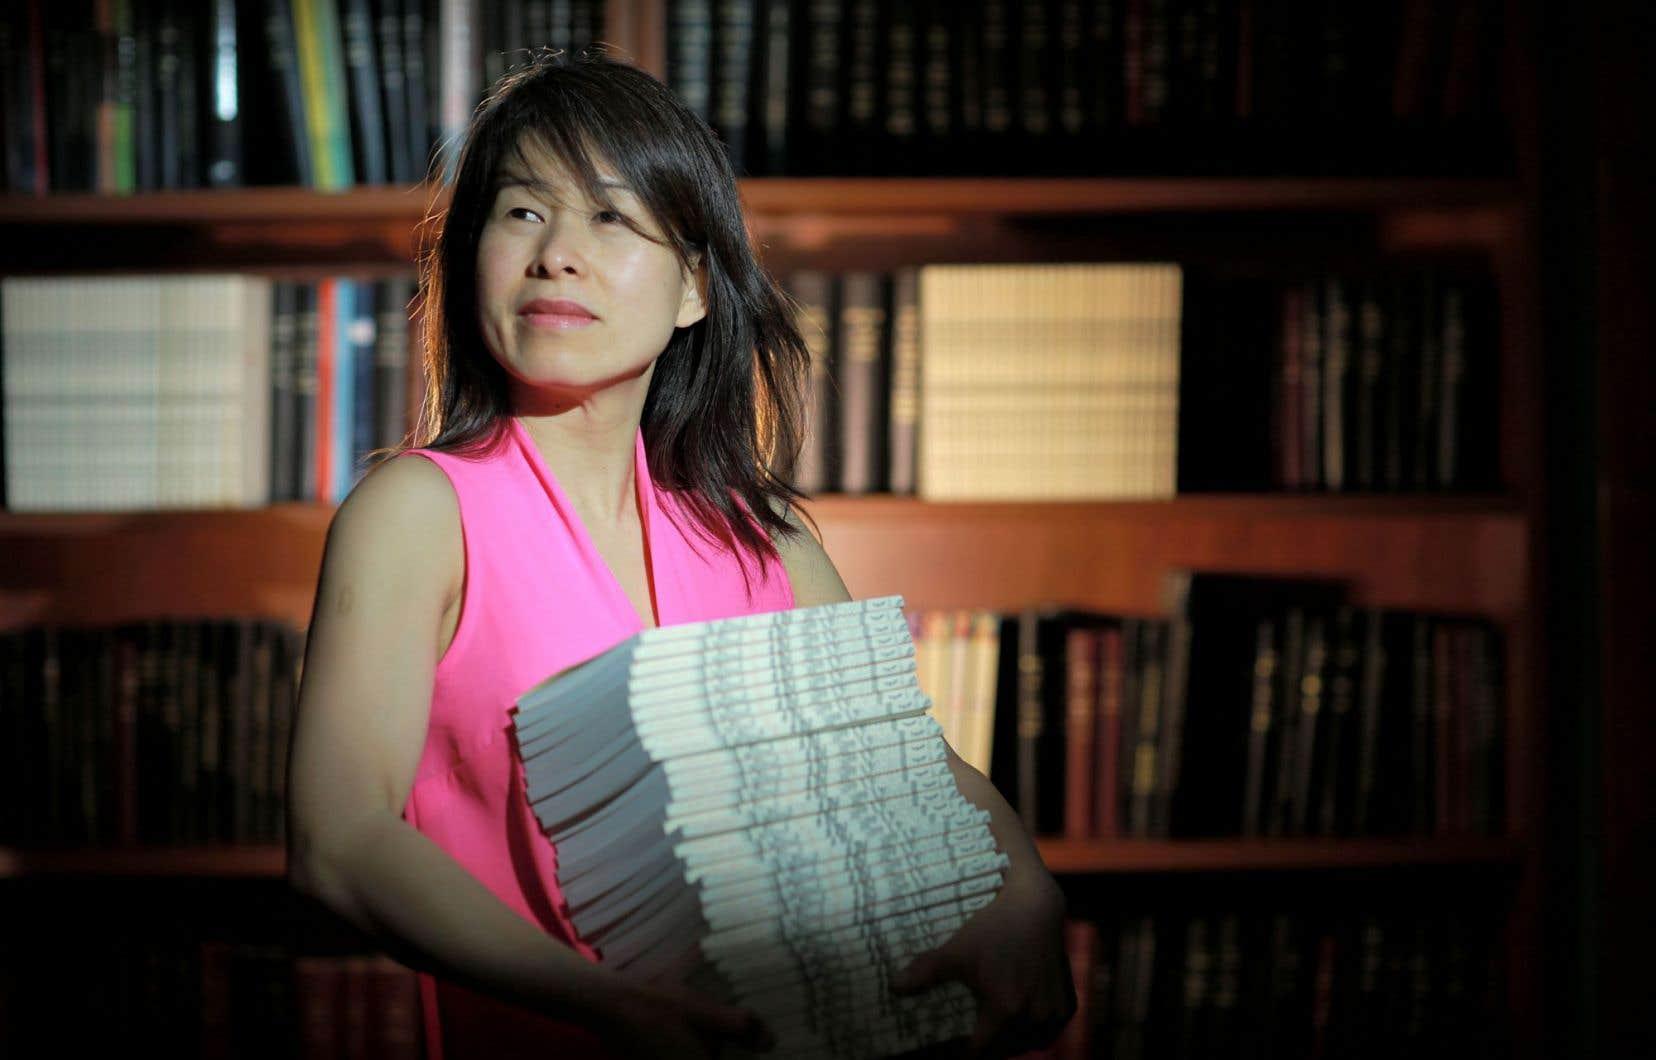 Kim Thúy a créé Vi, nouvel «alter ego» qui tombe amoureuse au temps de la colonisation.